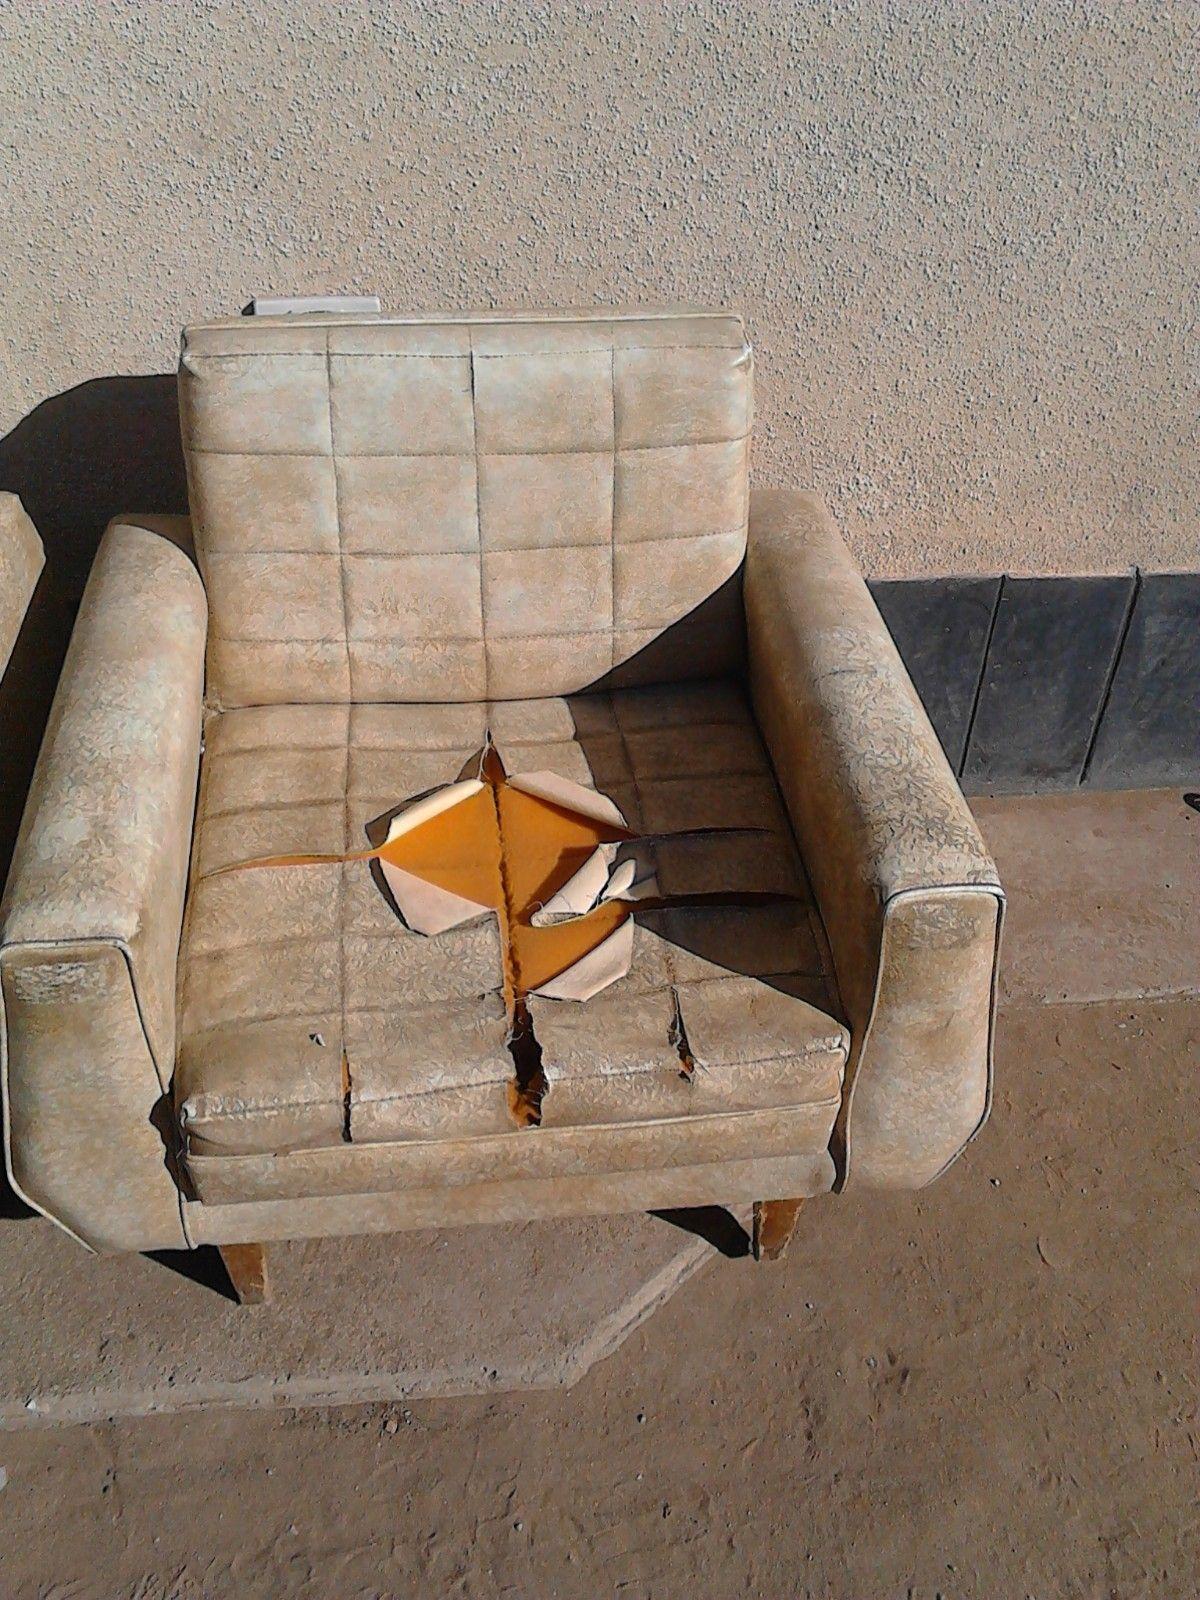 Vendo 2 sillones antiguos para restaurar hogar muebles - Sillones antiguos para restaurar ...